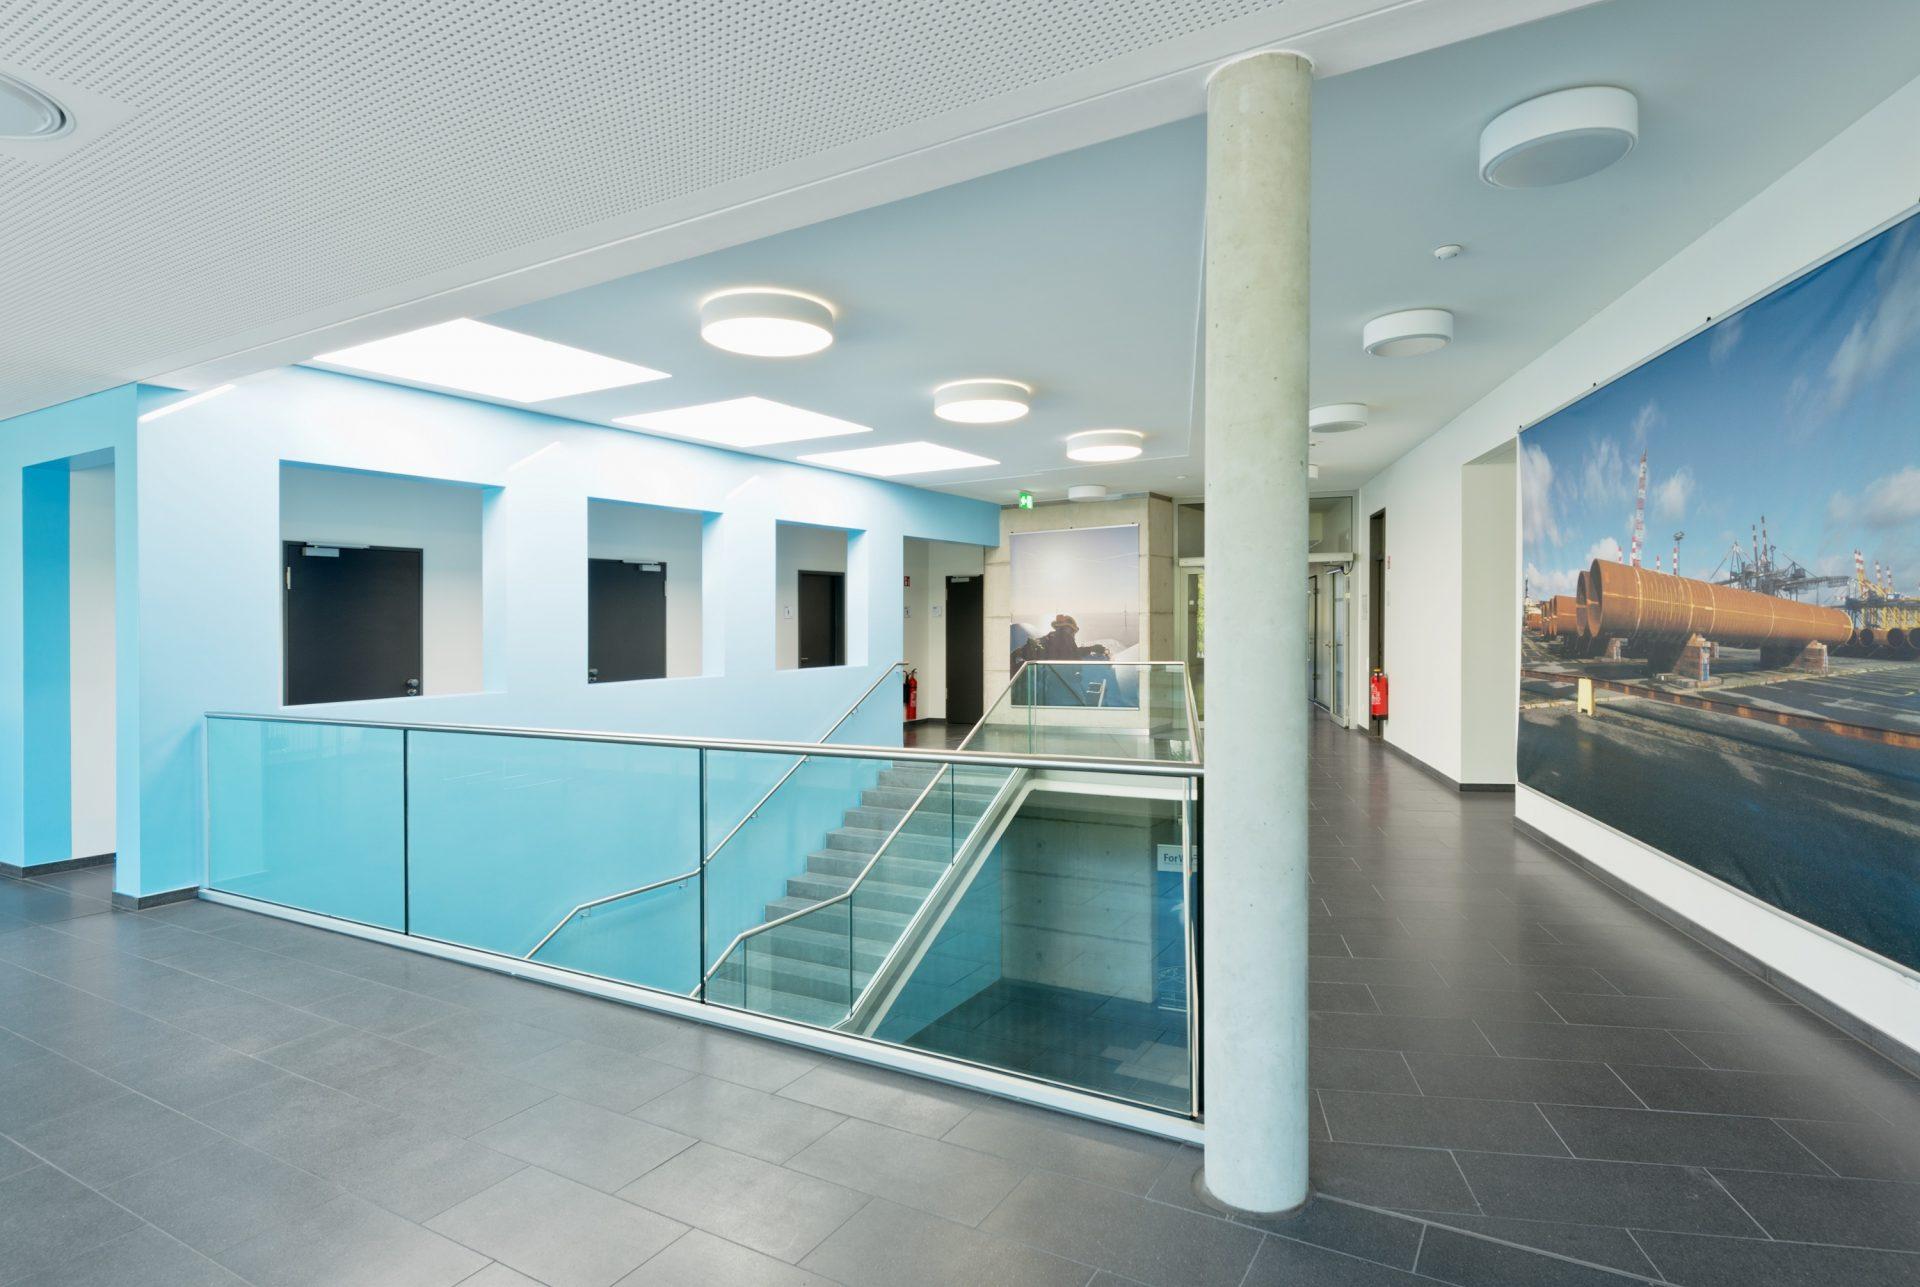 http://www.stricker-architekten.de/projekte/leibniz-universitaet-hannover-neubau-testzentrum-tragstrukturen/